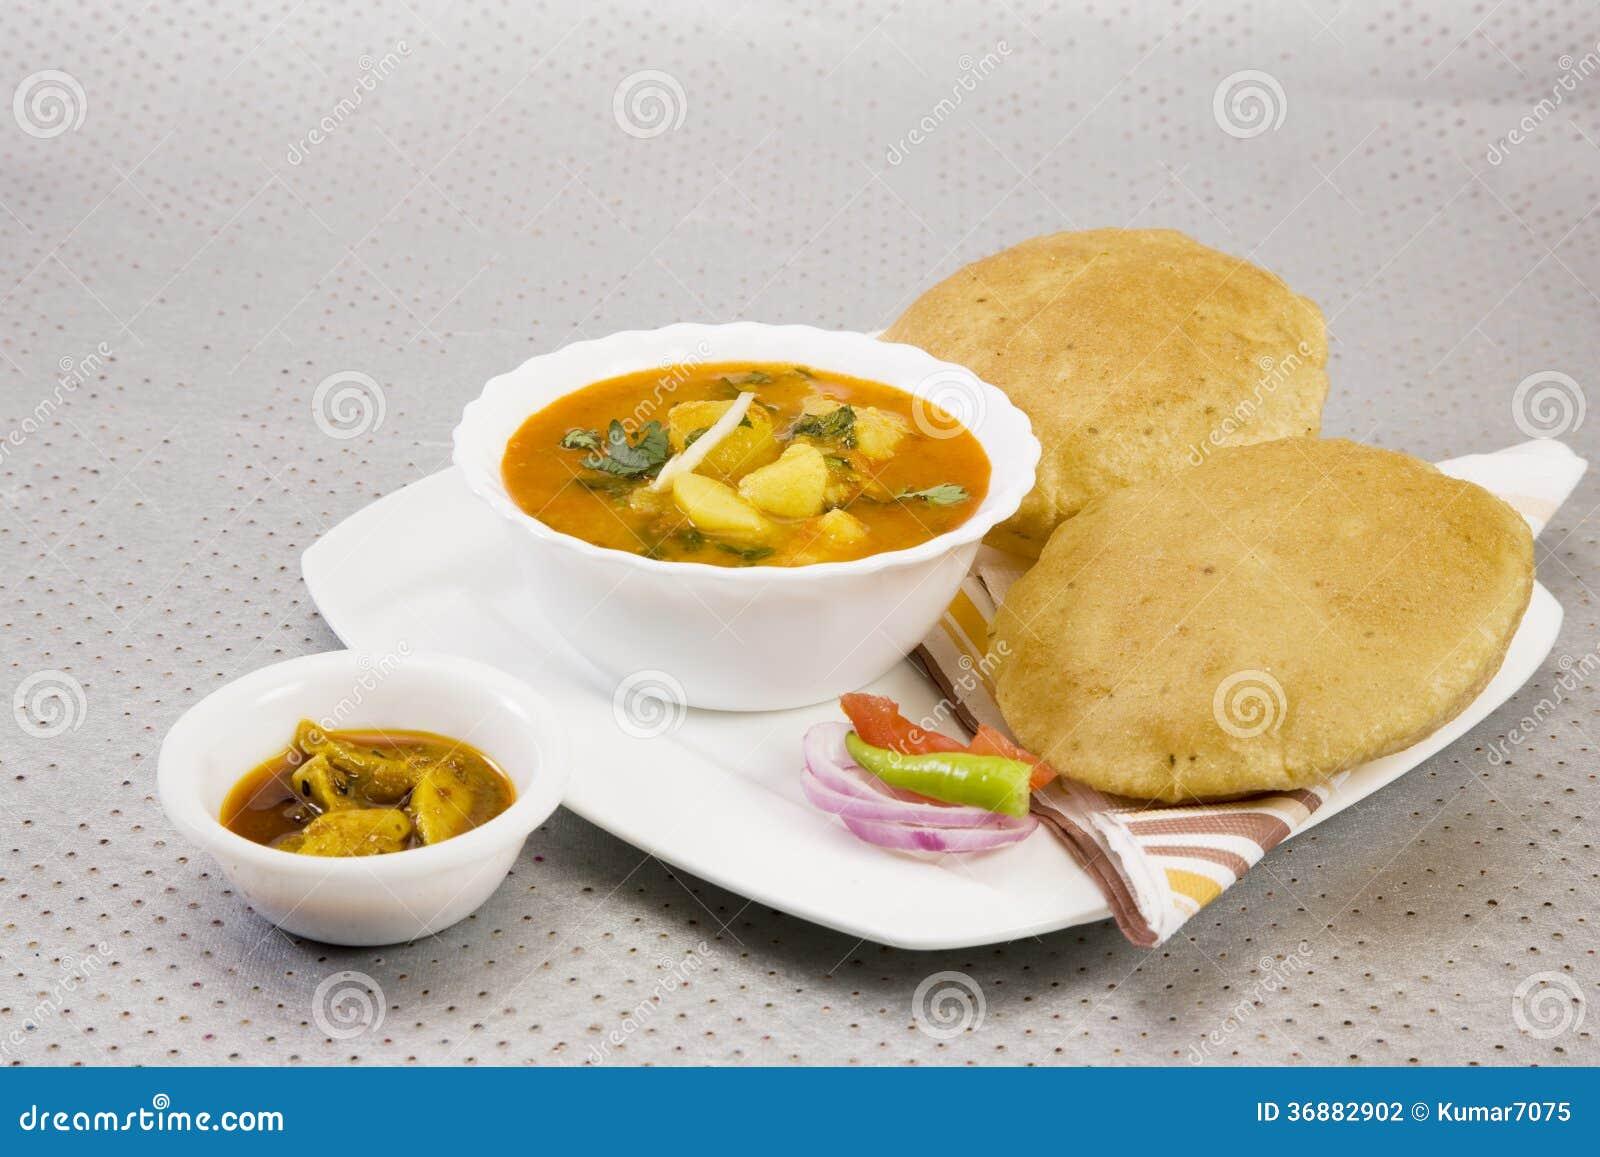 Download Aloo Puri con Aachar fotografia stock. Immagine di spezia - 36882902